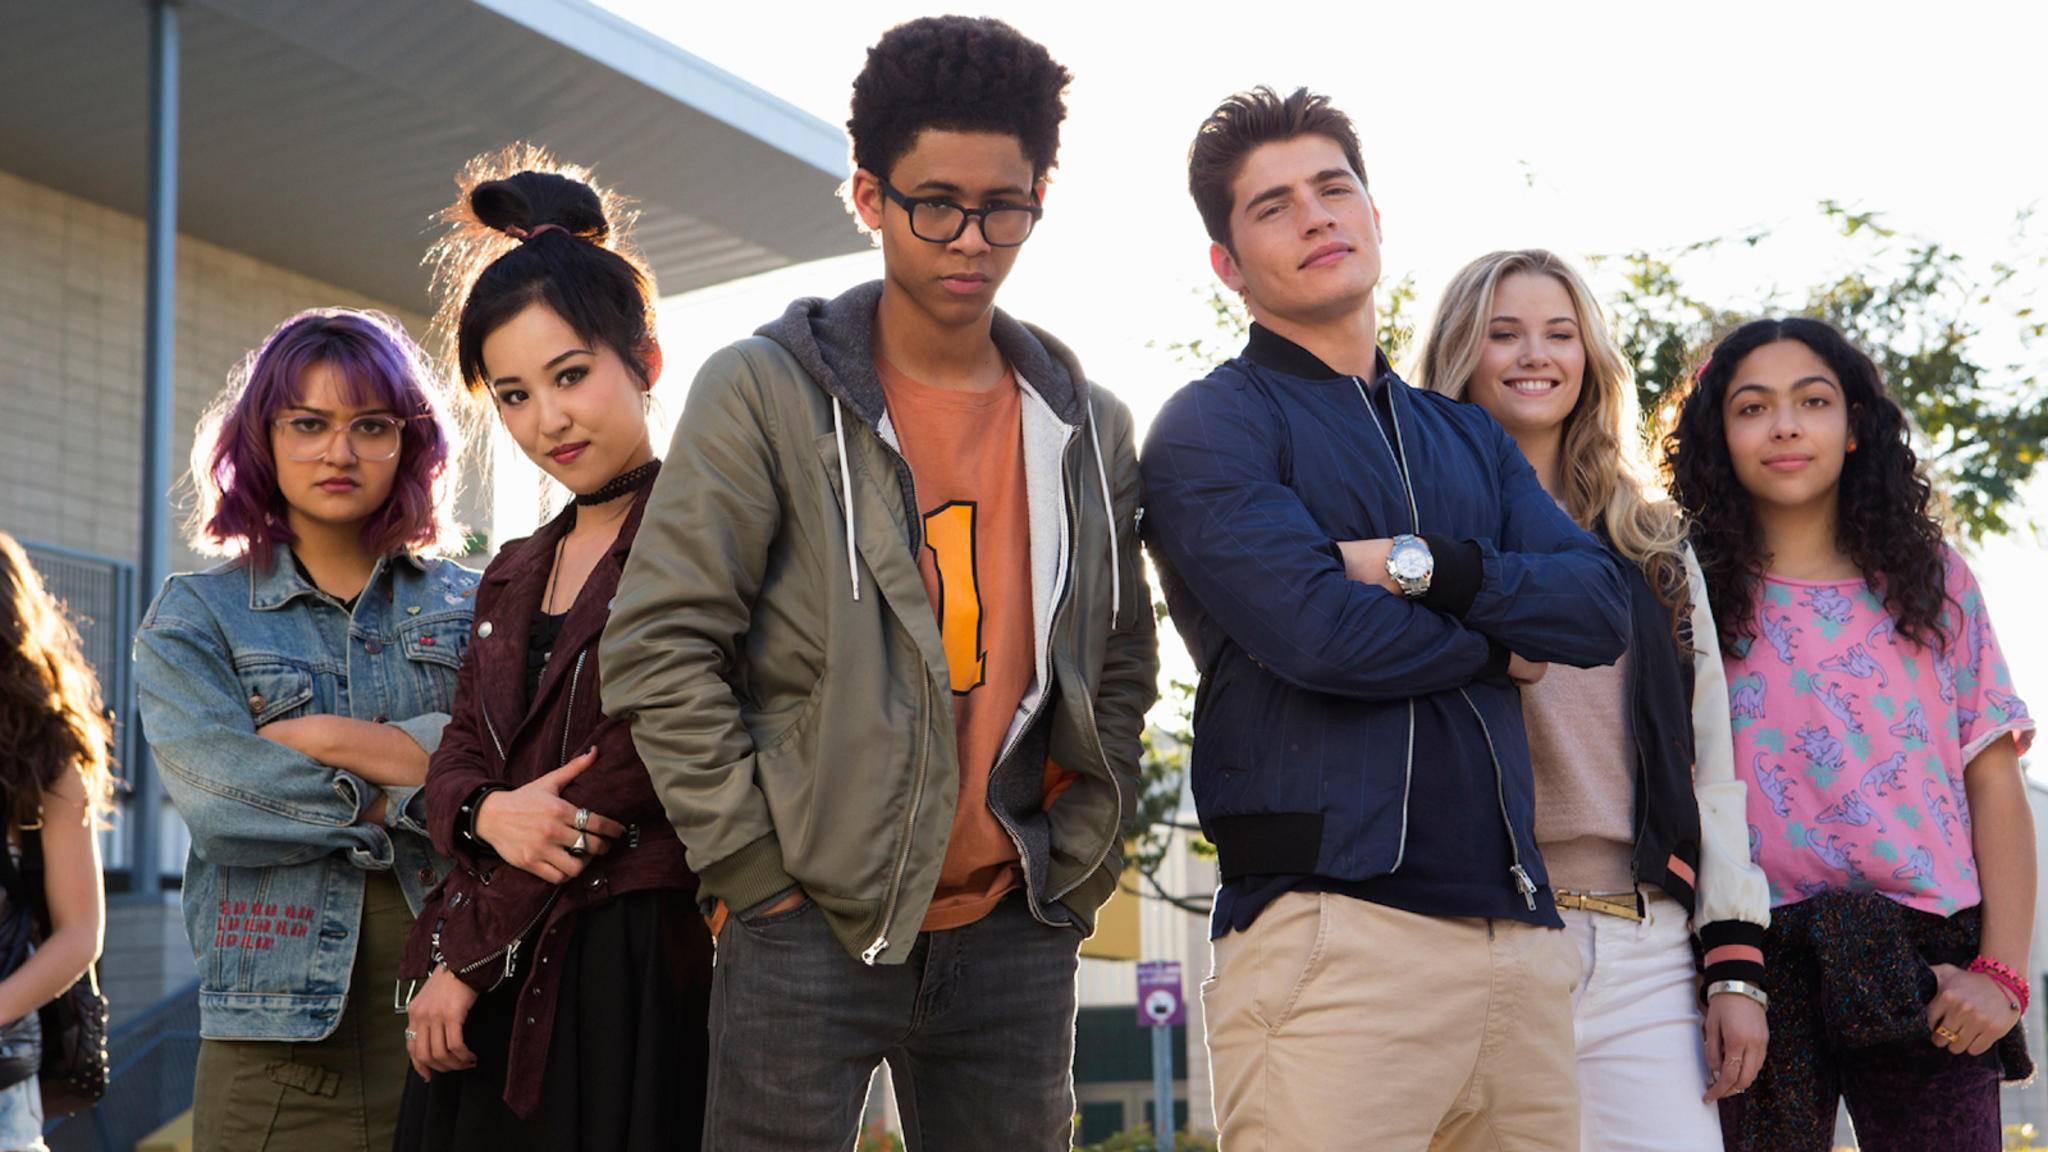 """Wirklich nah an der Vorlage: Auf diesem Bild stellt der Serien-Cast das Cover der """"Runaways Vol. 1""""-Comicsammlung von 2014 nach."""